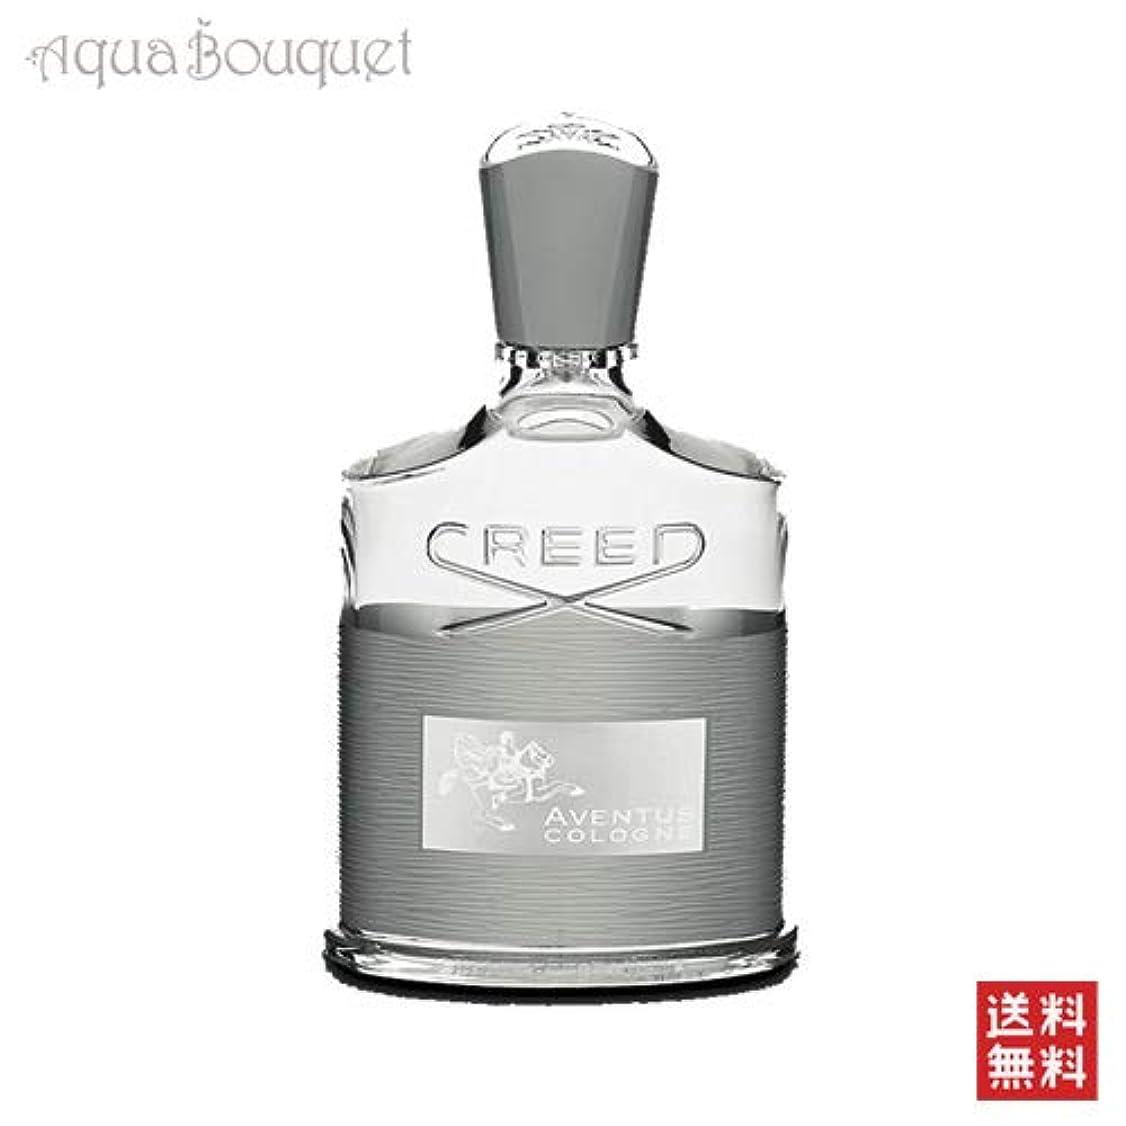 リングレットプレゼンター不透明な(新作) クリード アバントゥス コロン 100ml CREED AVENTUS COLOGNE [1275] [並行輸入品]